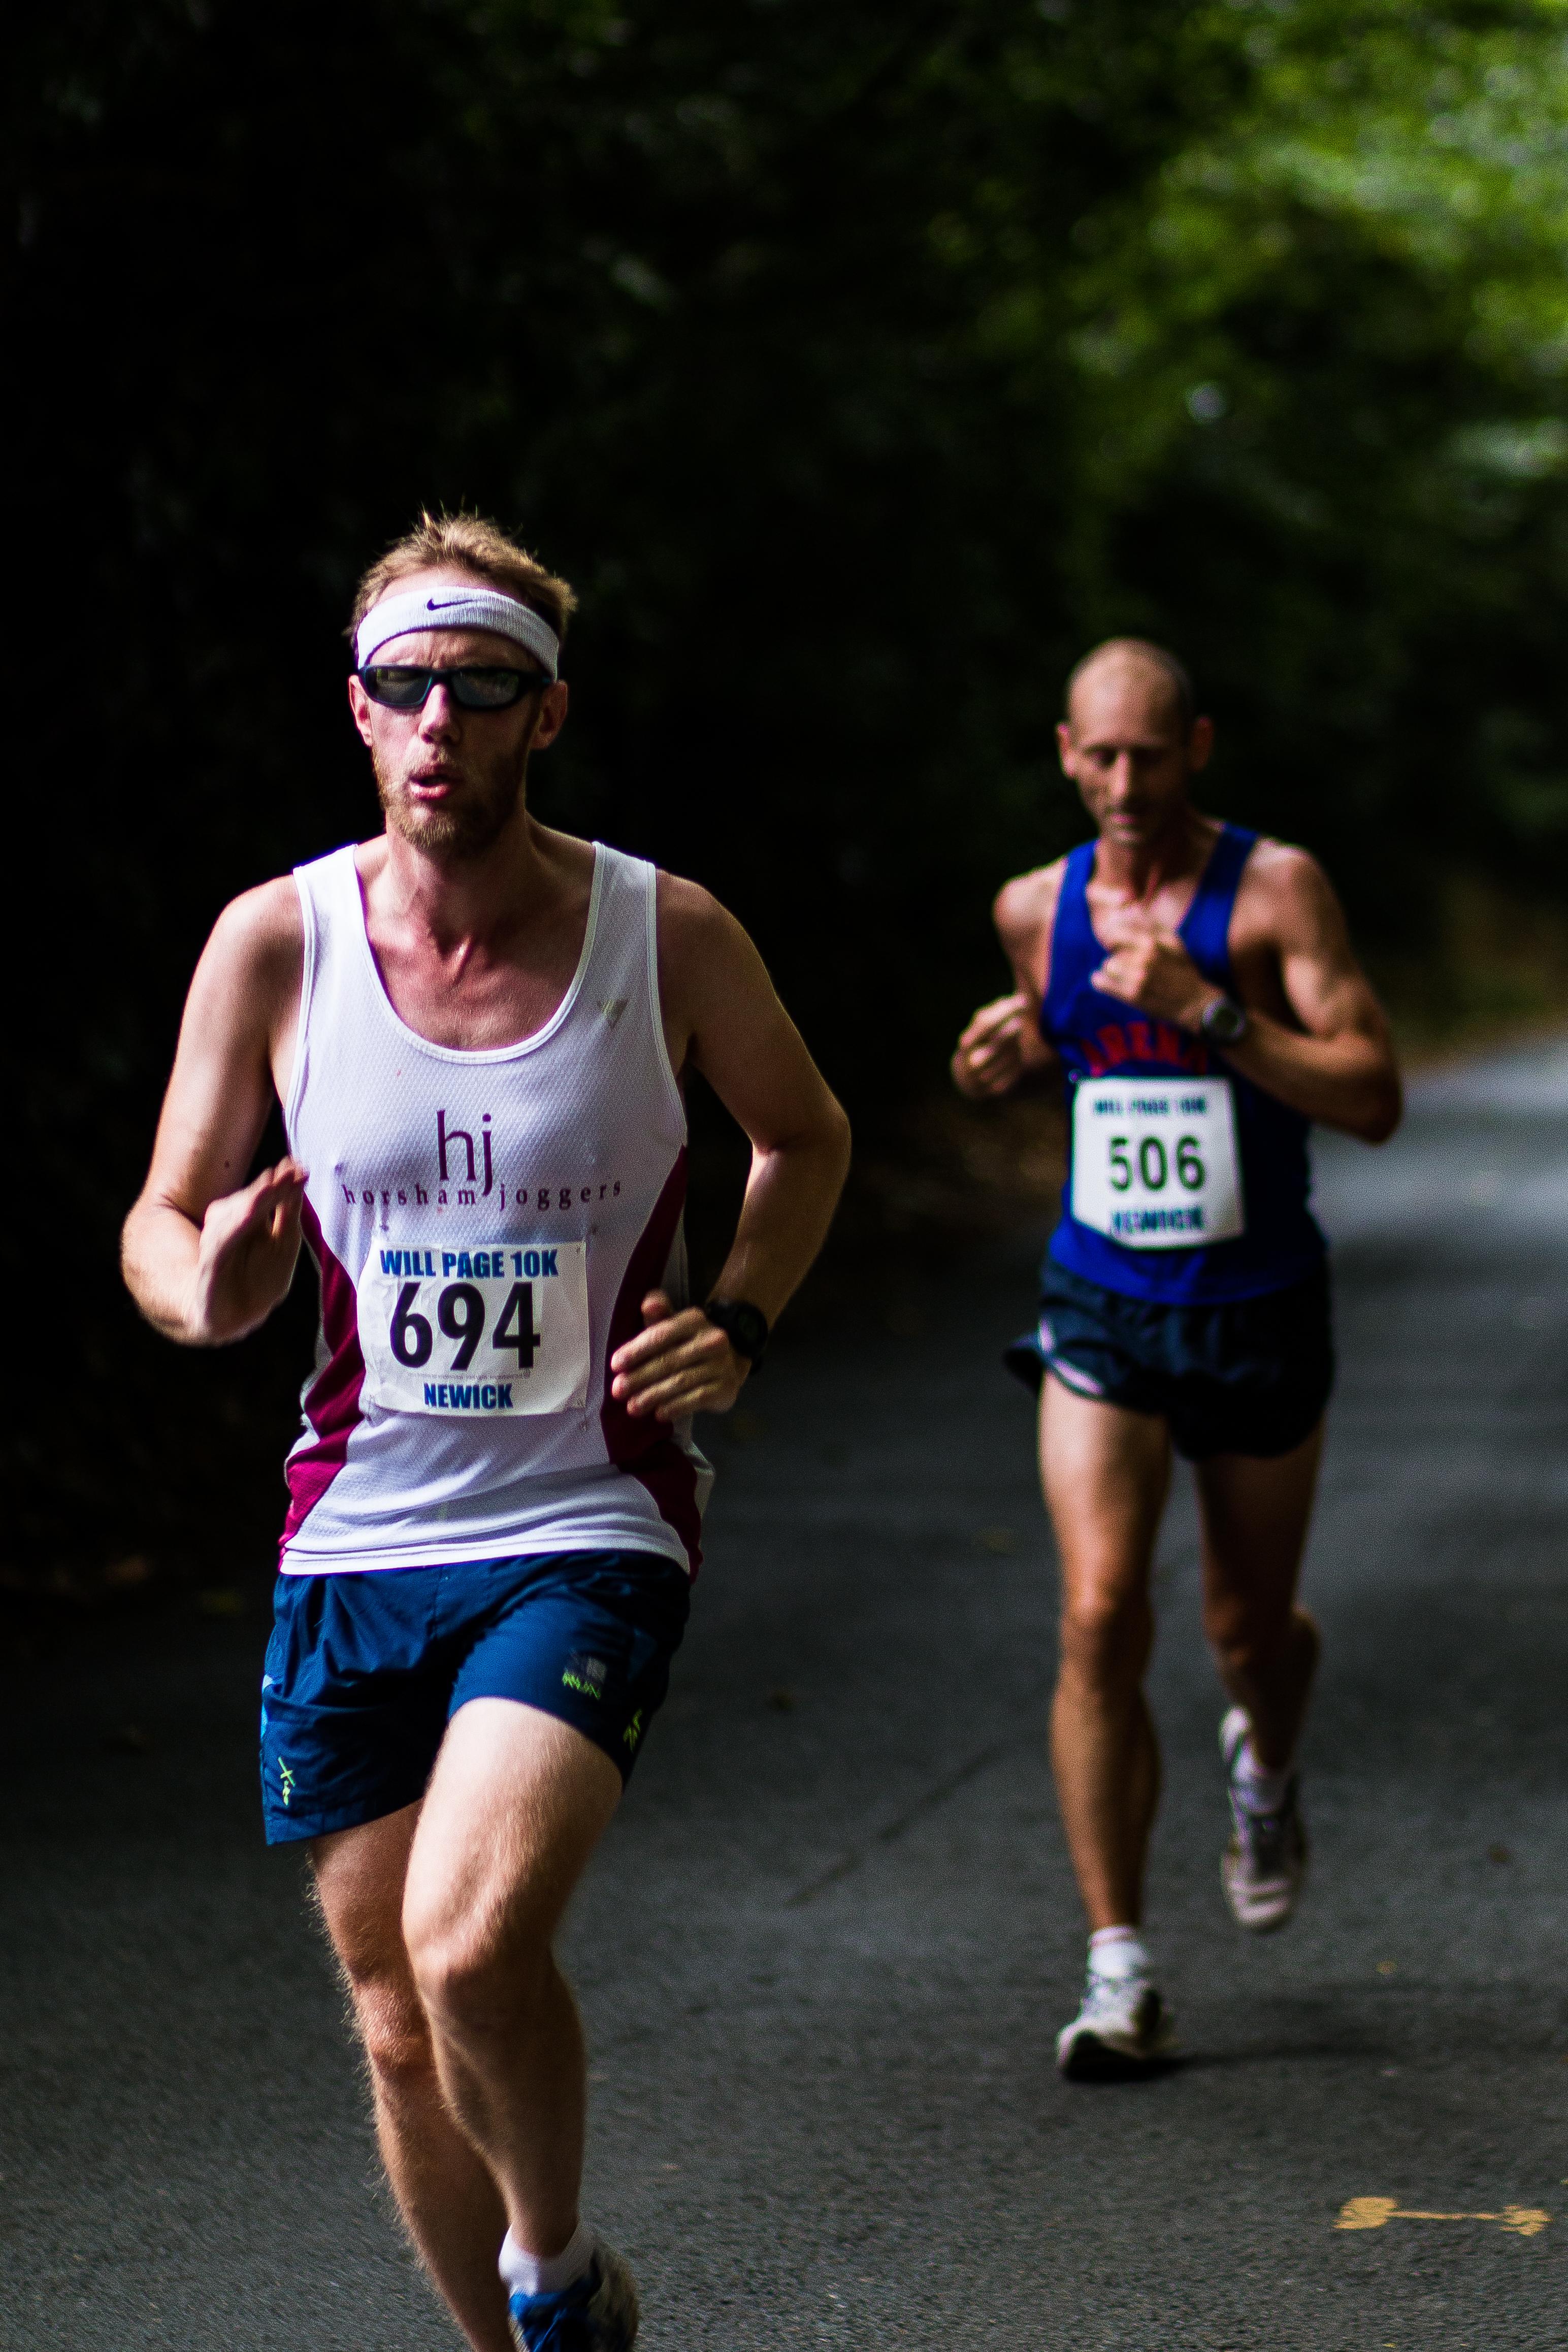 Runner - 694 (2)